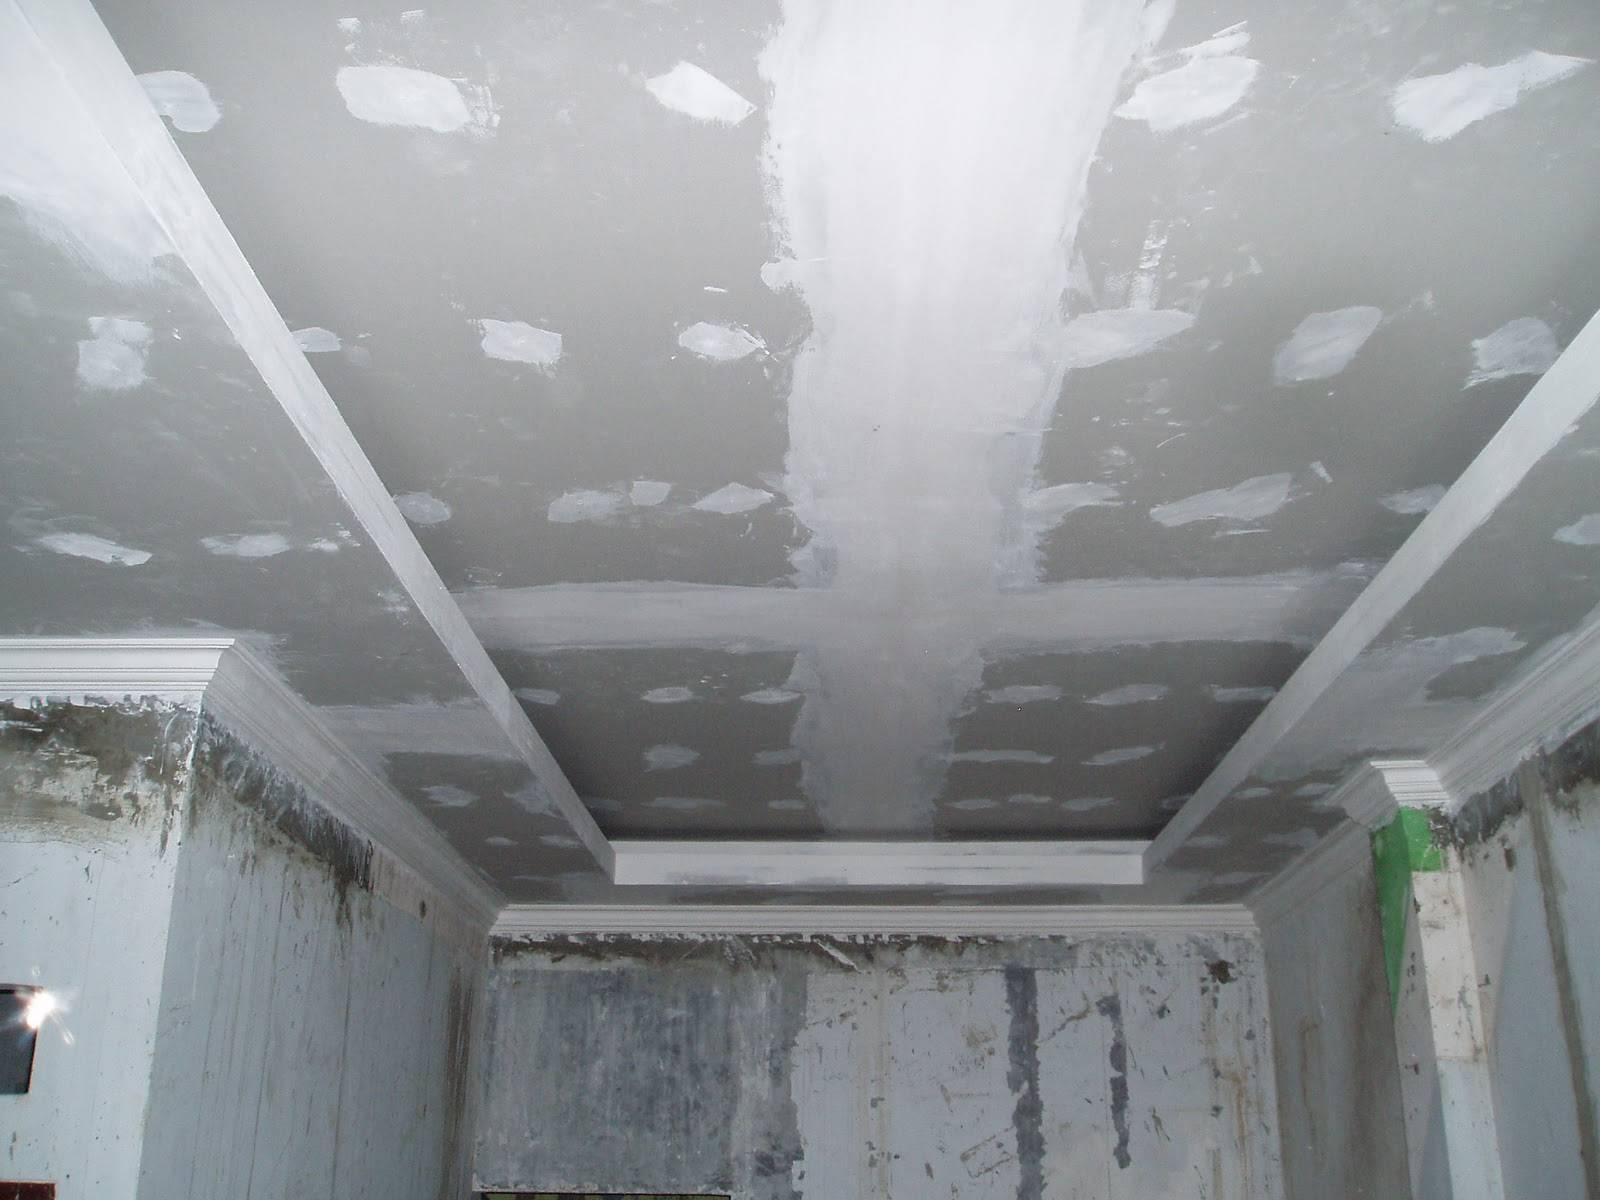 Как шпаклевать потолок из гипсокартона: чем правильно делать финишная шпаклевку своими руками, фото и видео-инструкция